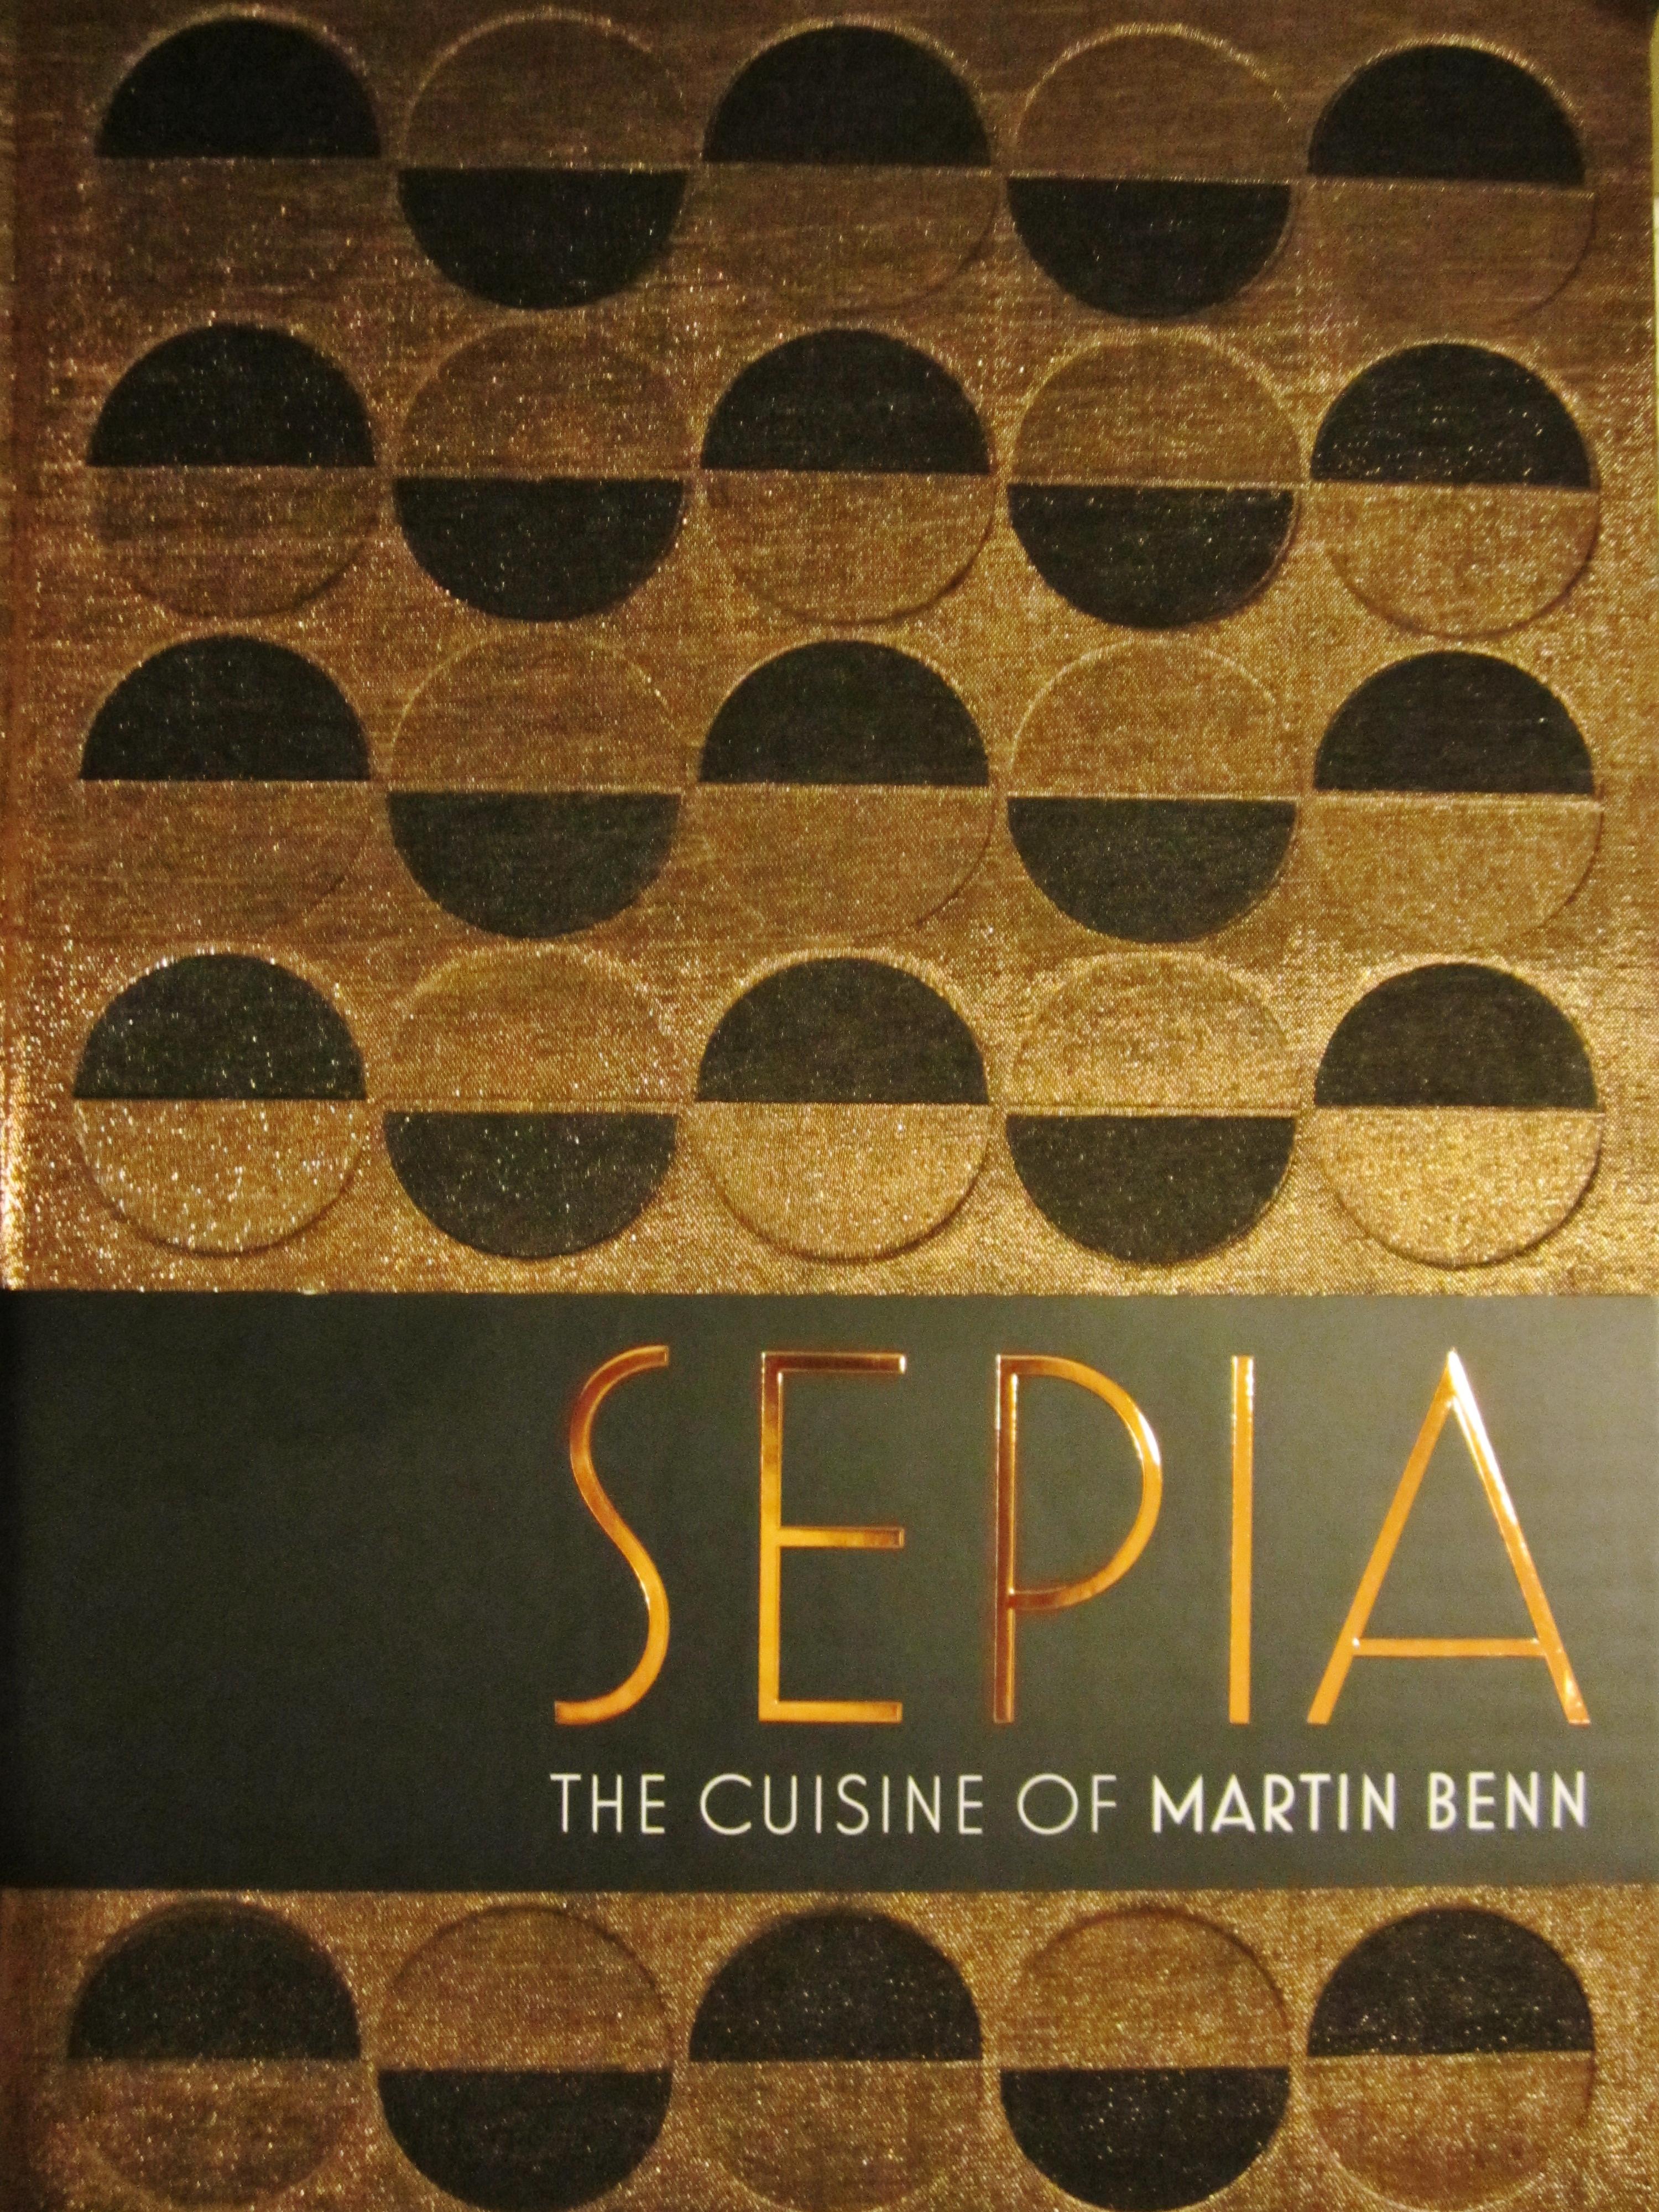 Sepia Book Launch – LBV ~ Le Bon Vivant